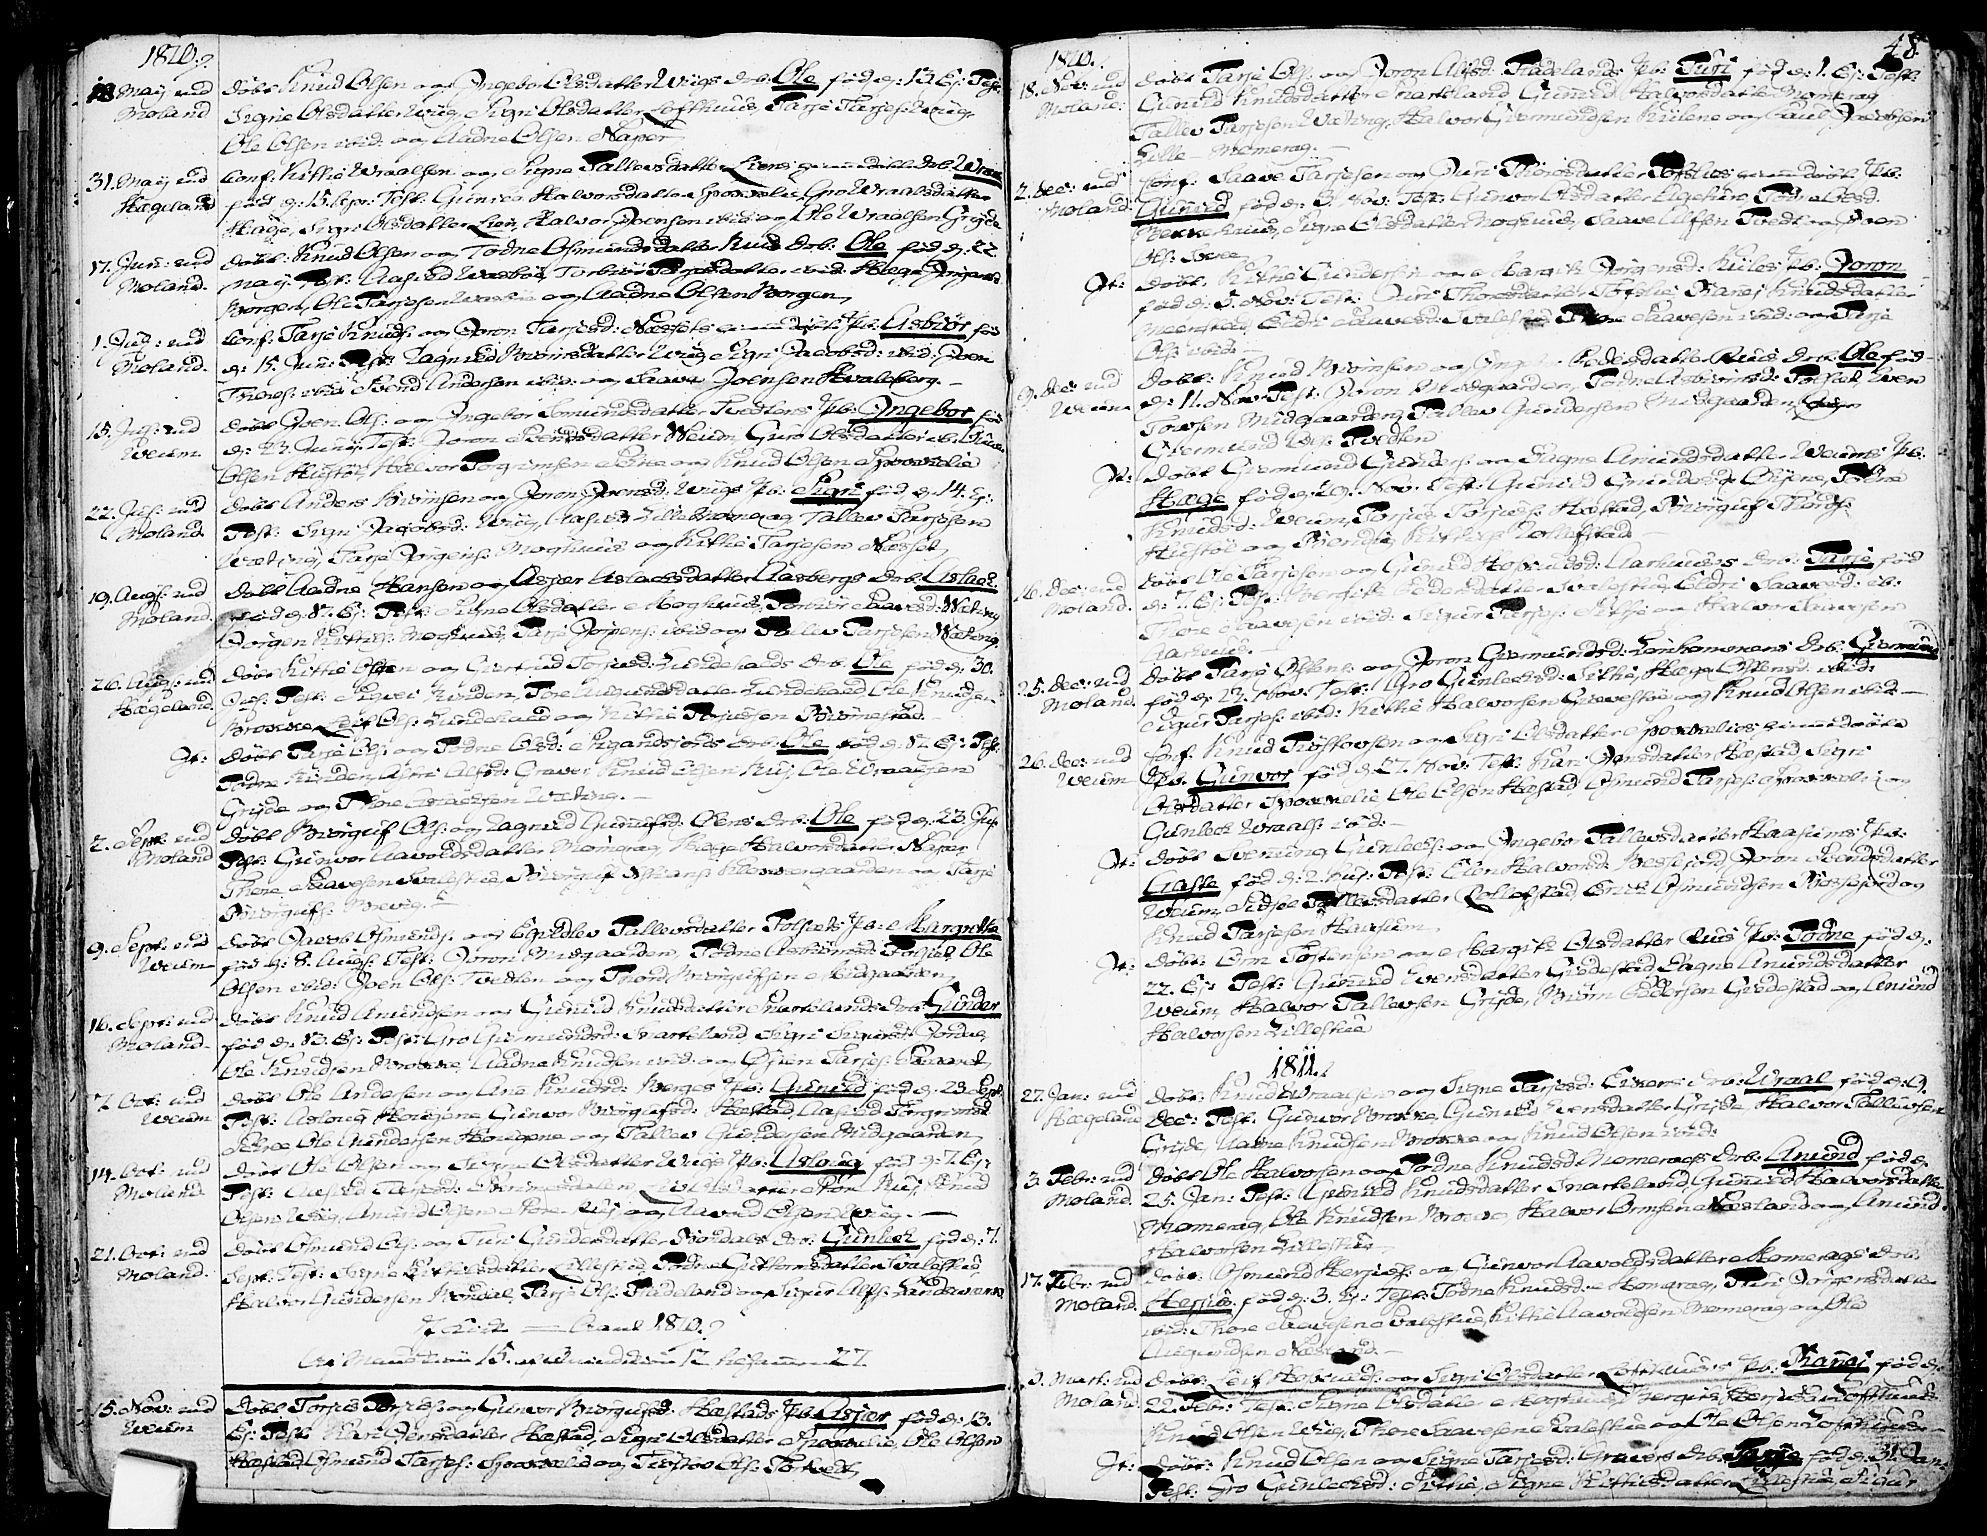 SAKO, Fyresdal kirkebøker, F/Fa/L0002: Ministerialbok nr. I 2, 1769-1814, s. 48